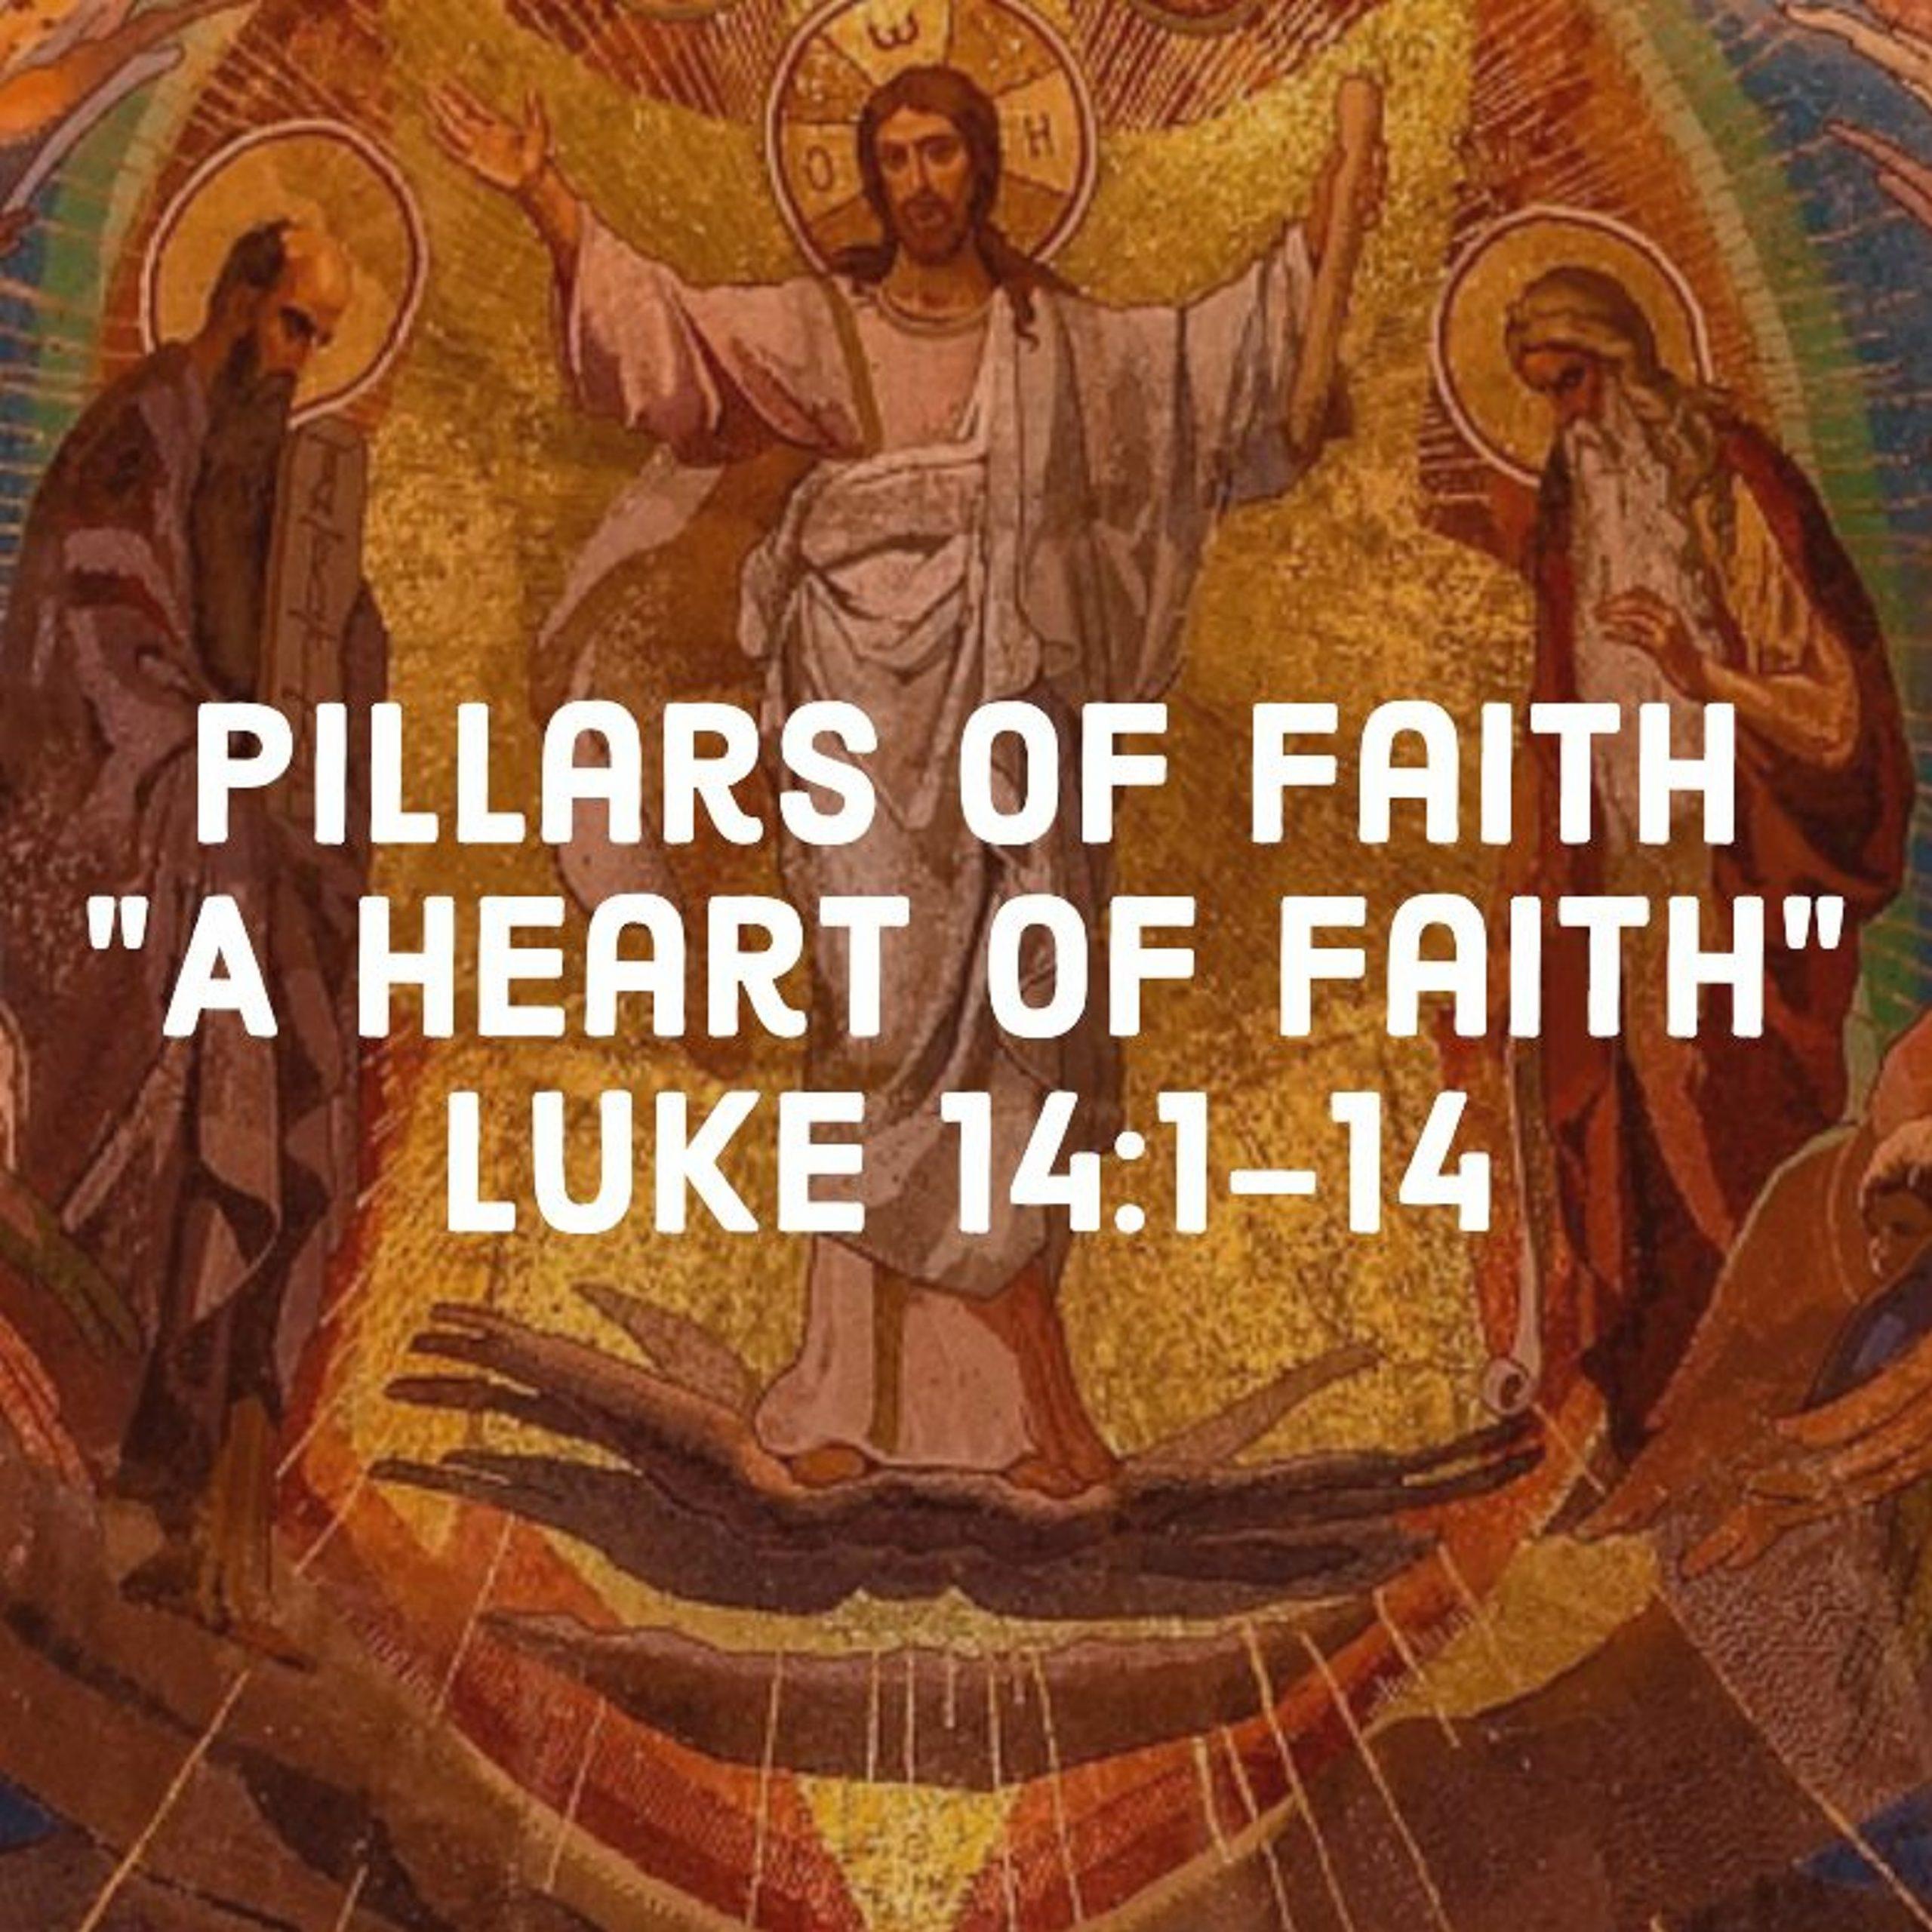 A Heart of Faith